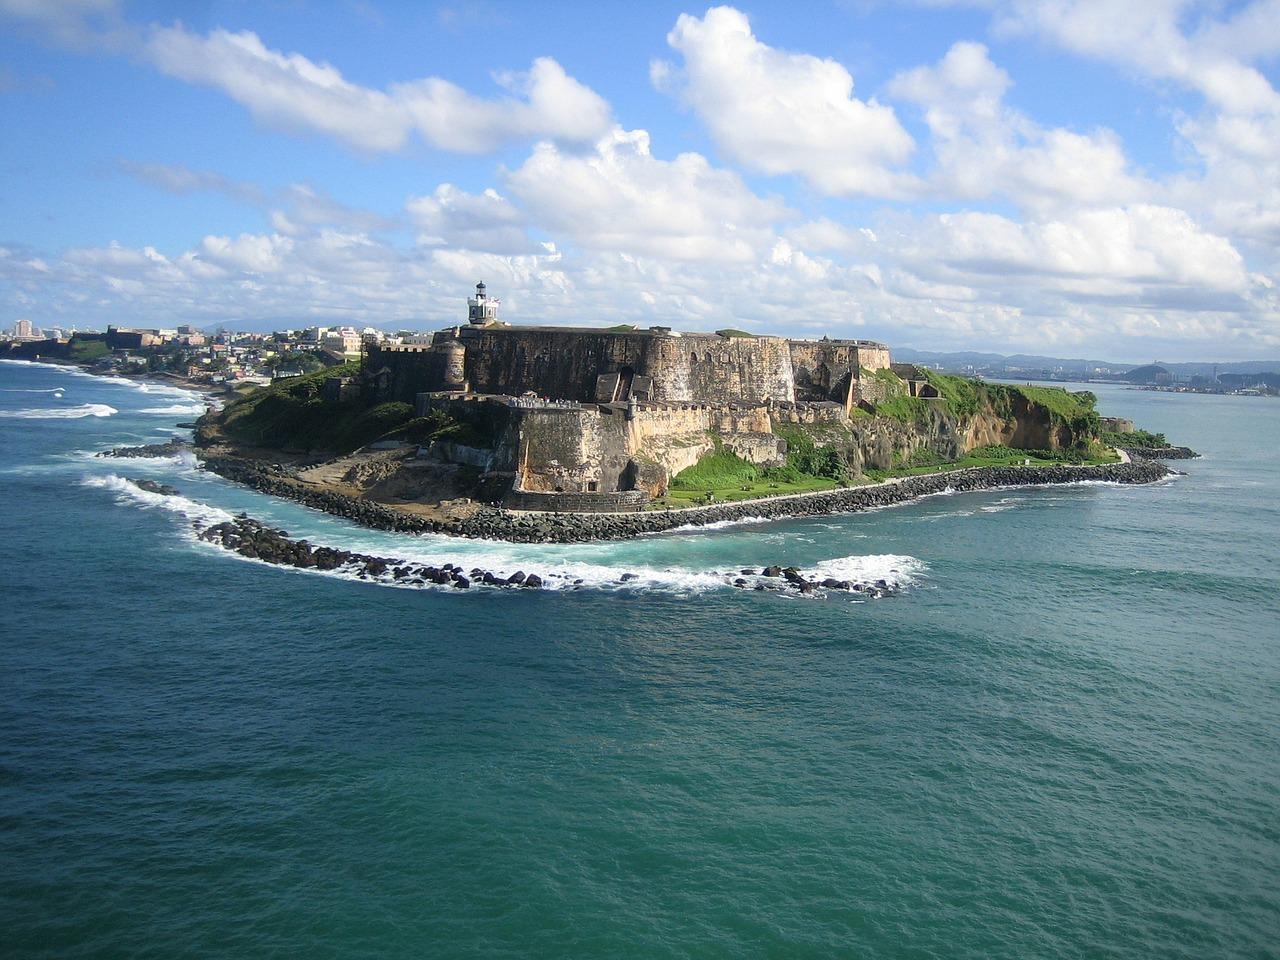 Les résultats du projet Genographic DNA révèlent les détails de l'histoire portoricaine